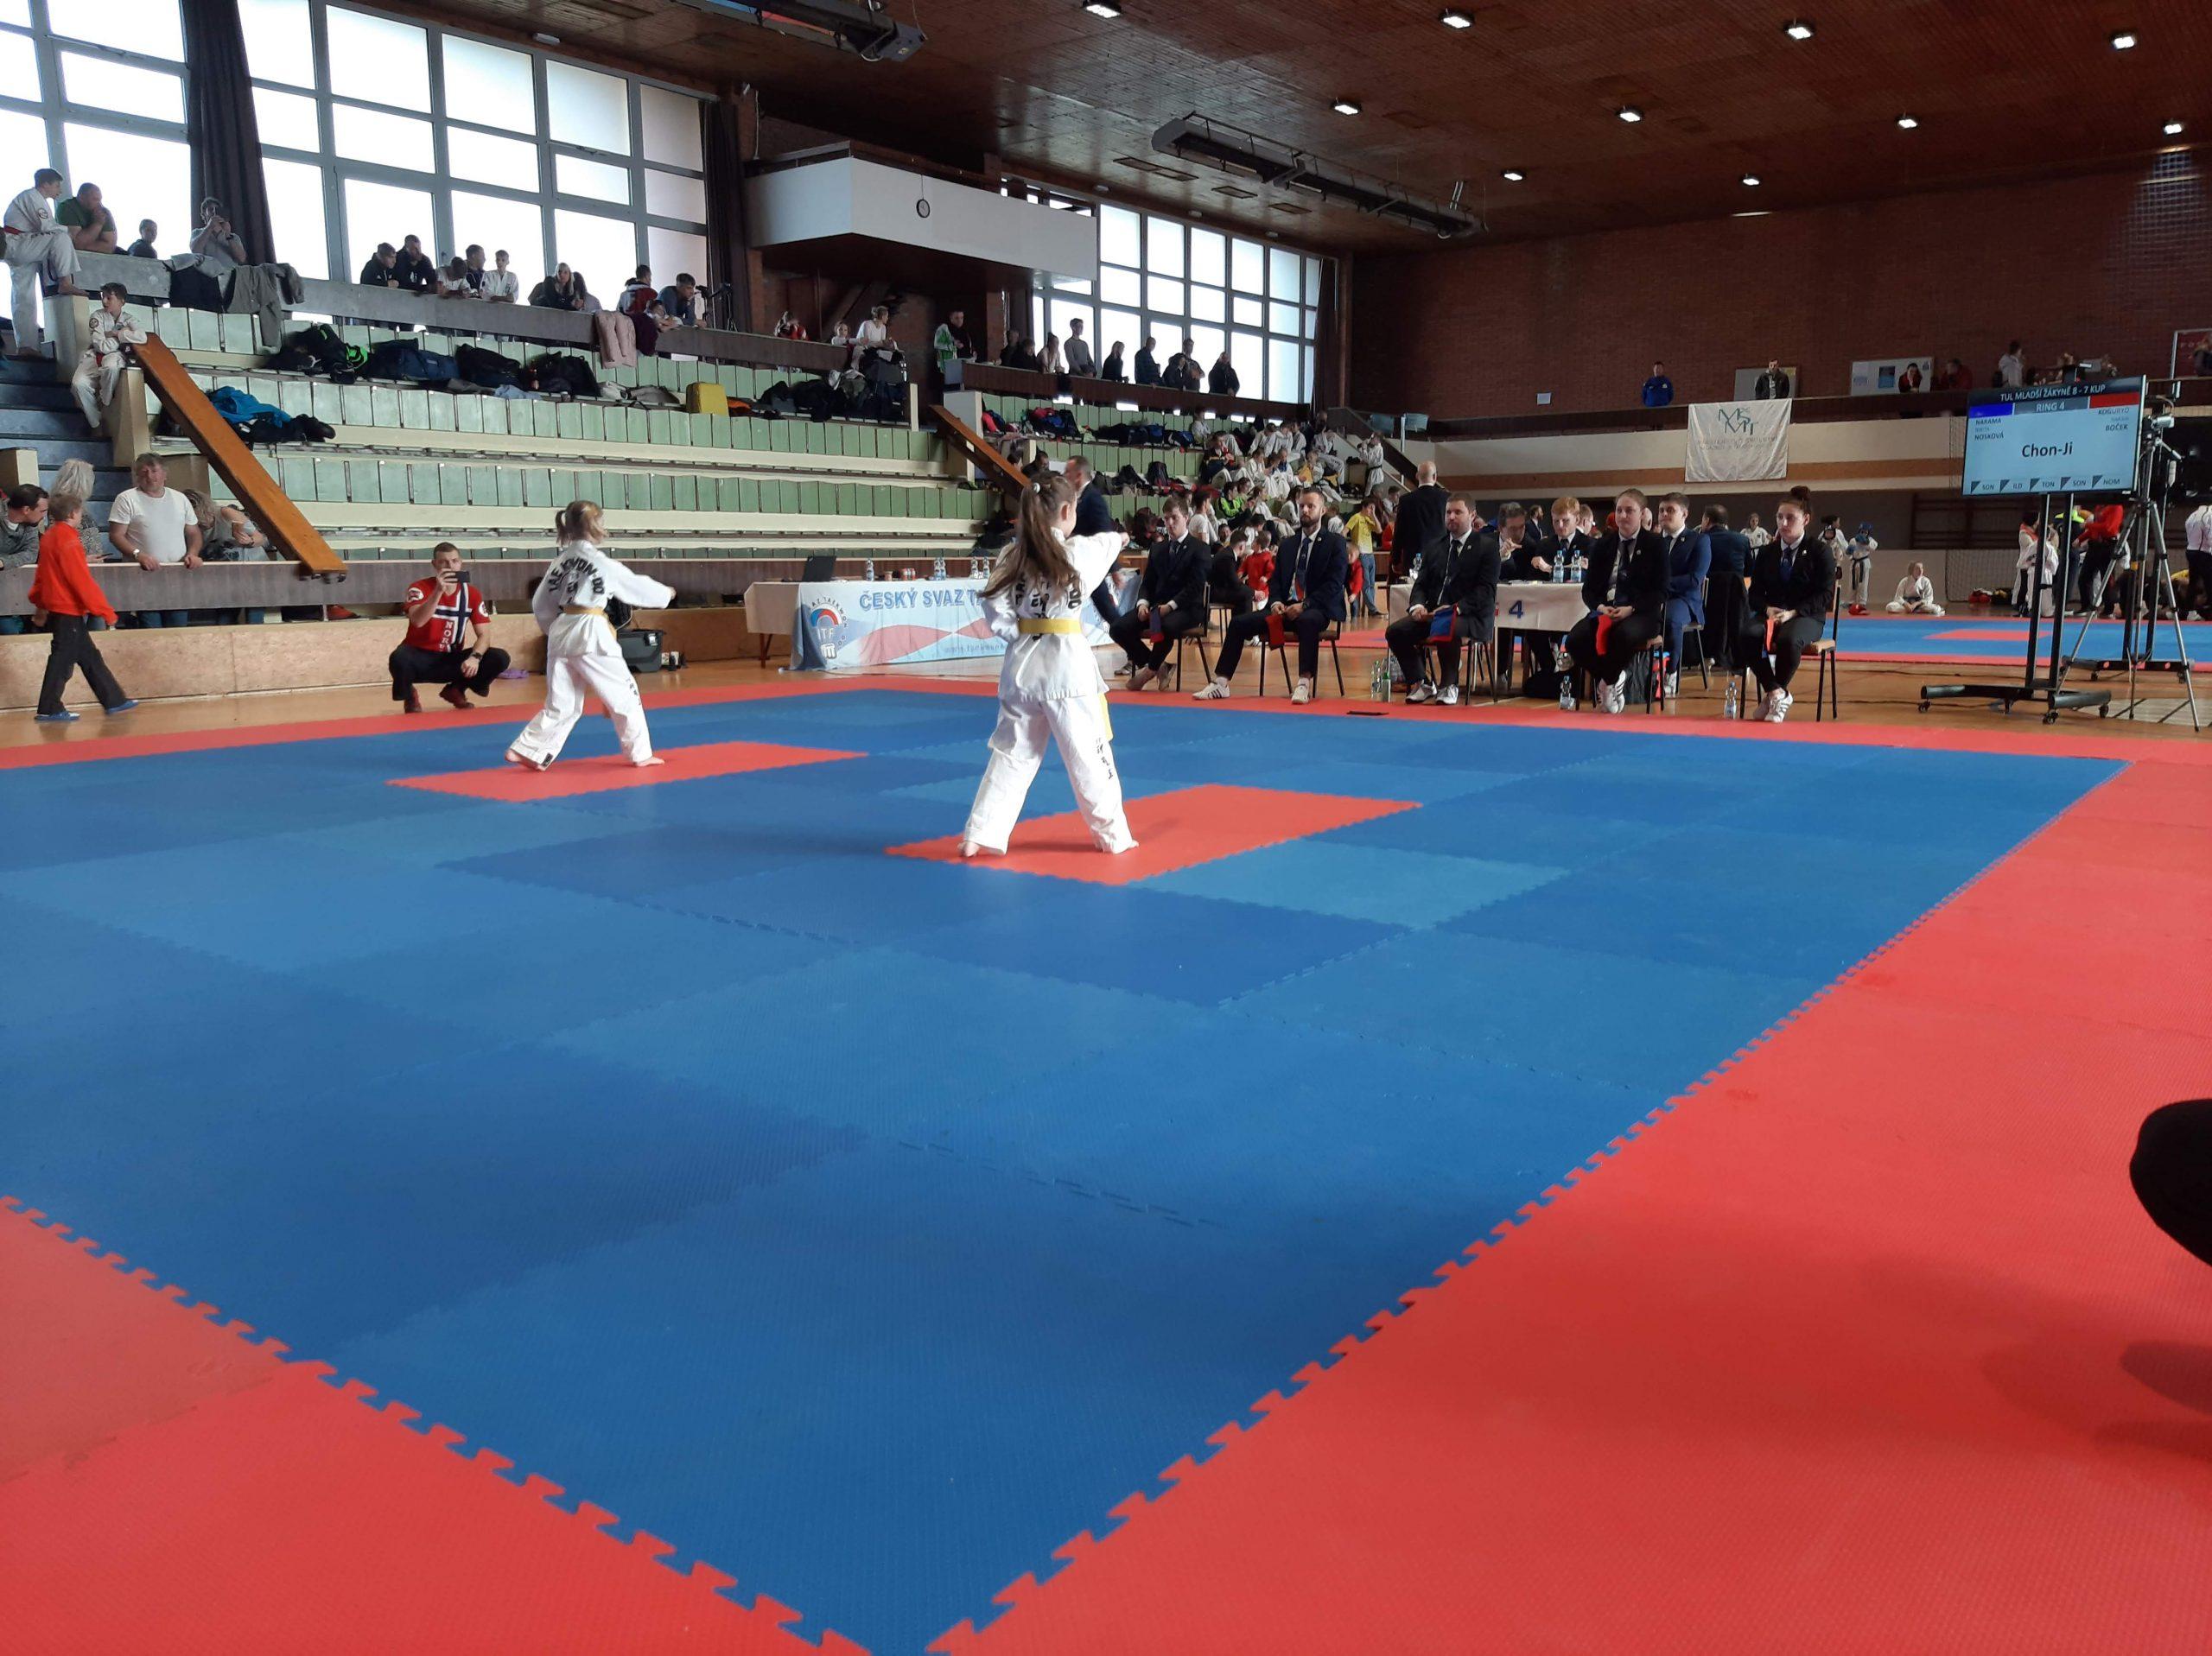 Zkouška začala slibem taekwondo